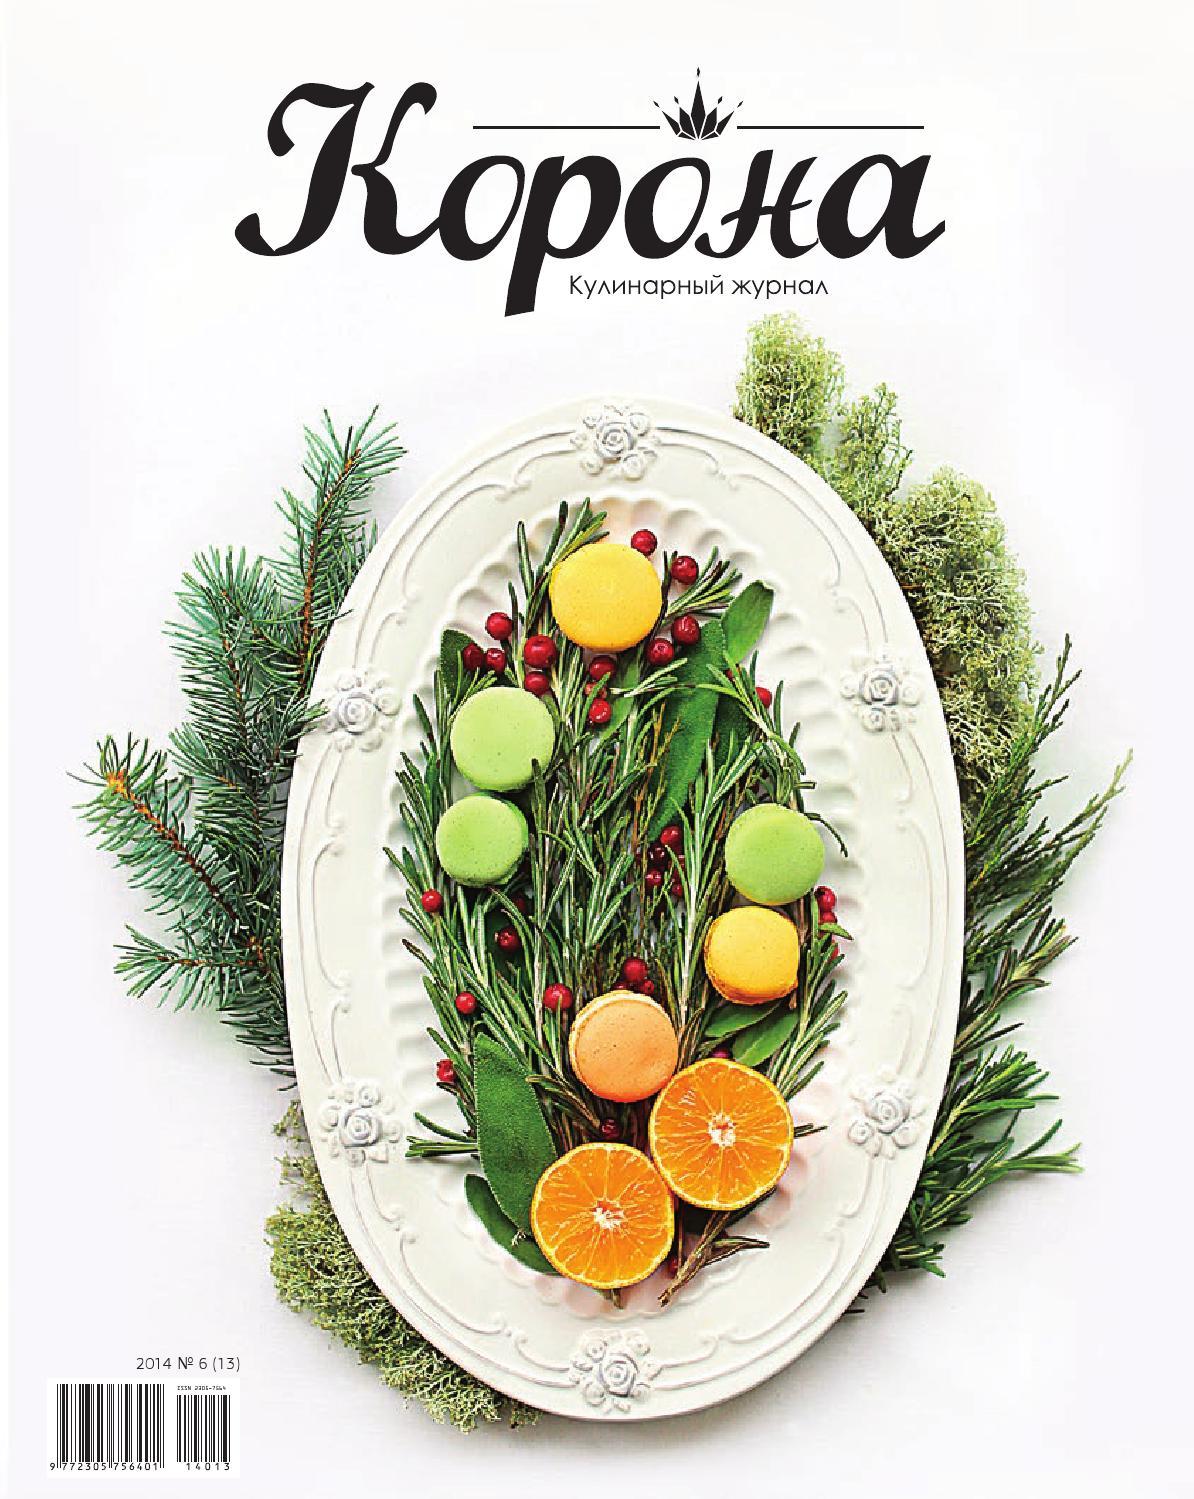 Публикации skolkovo community.